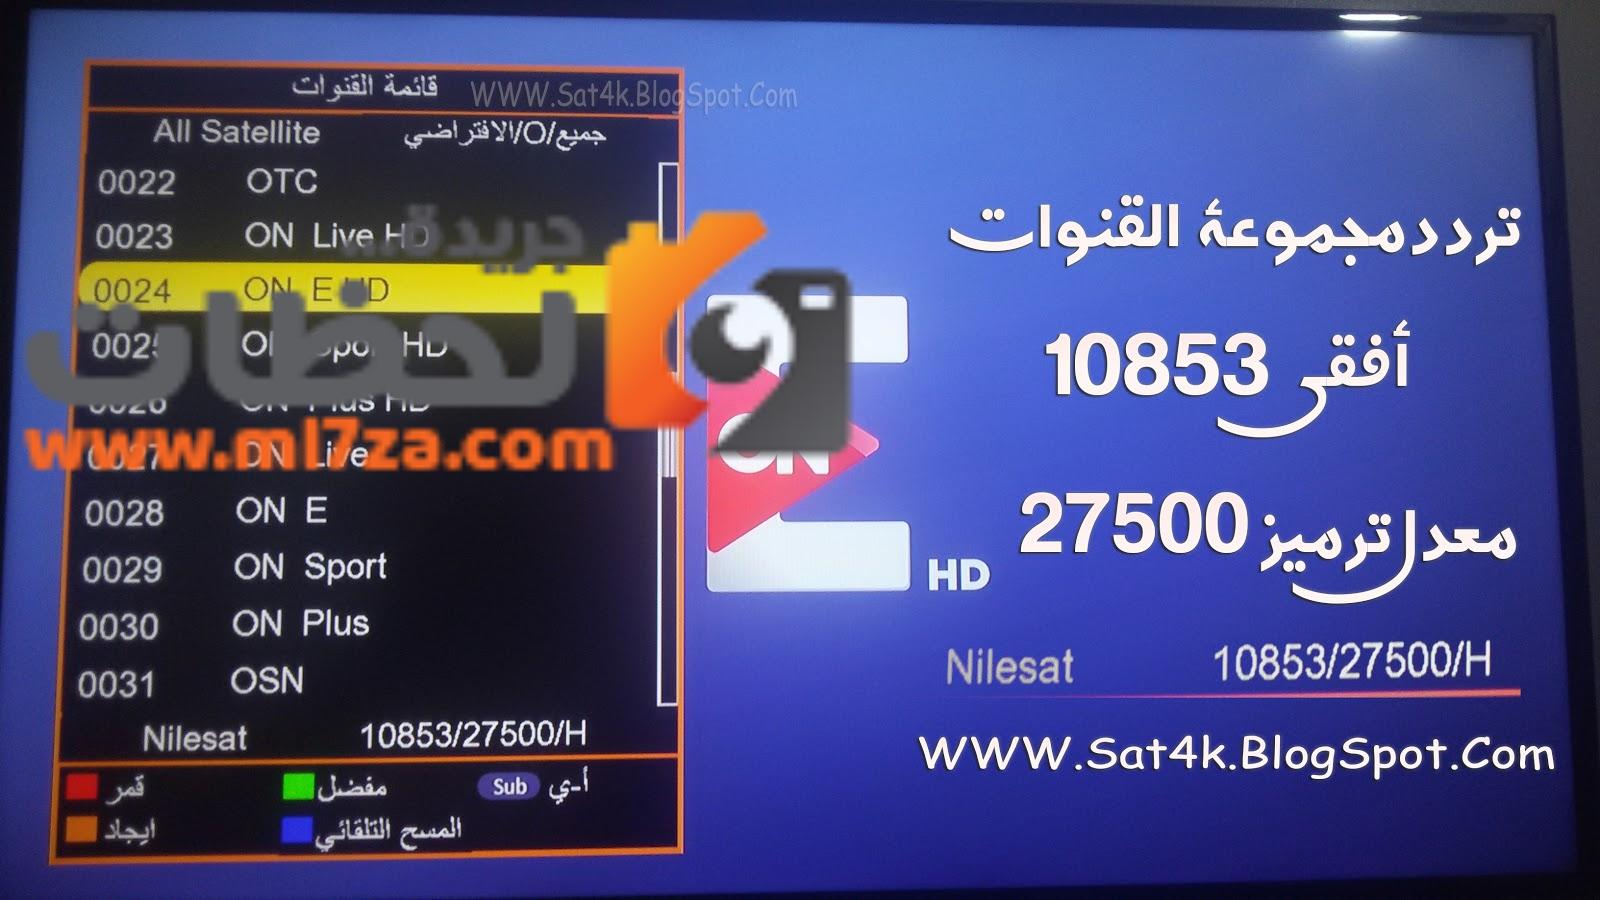 تردد قناة اون لايف الجديد على النايل سات والعرب سات 2022